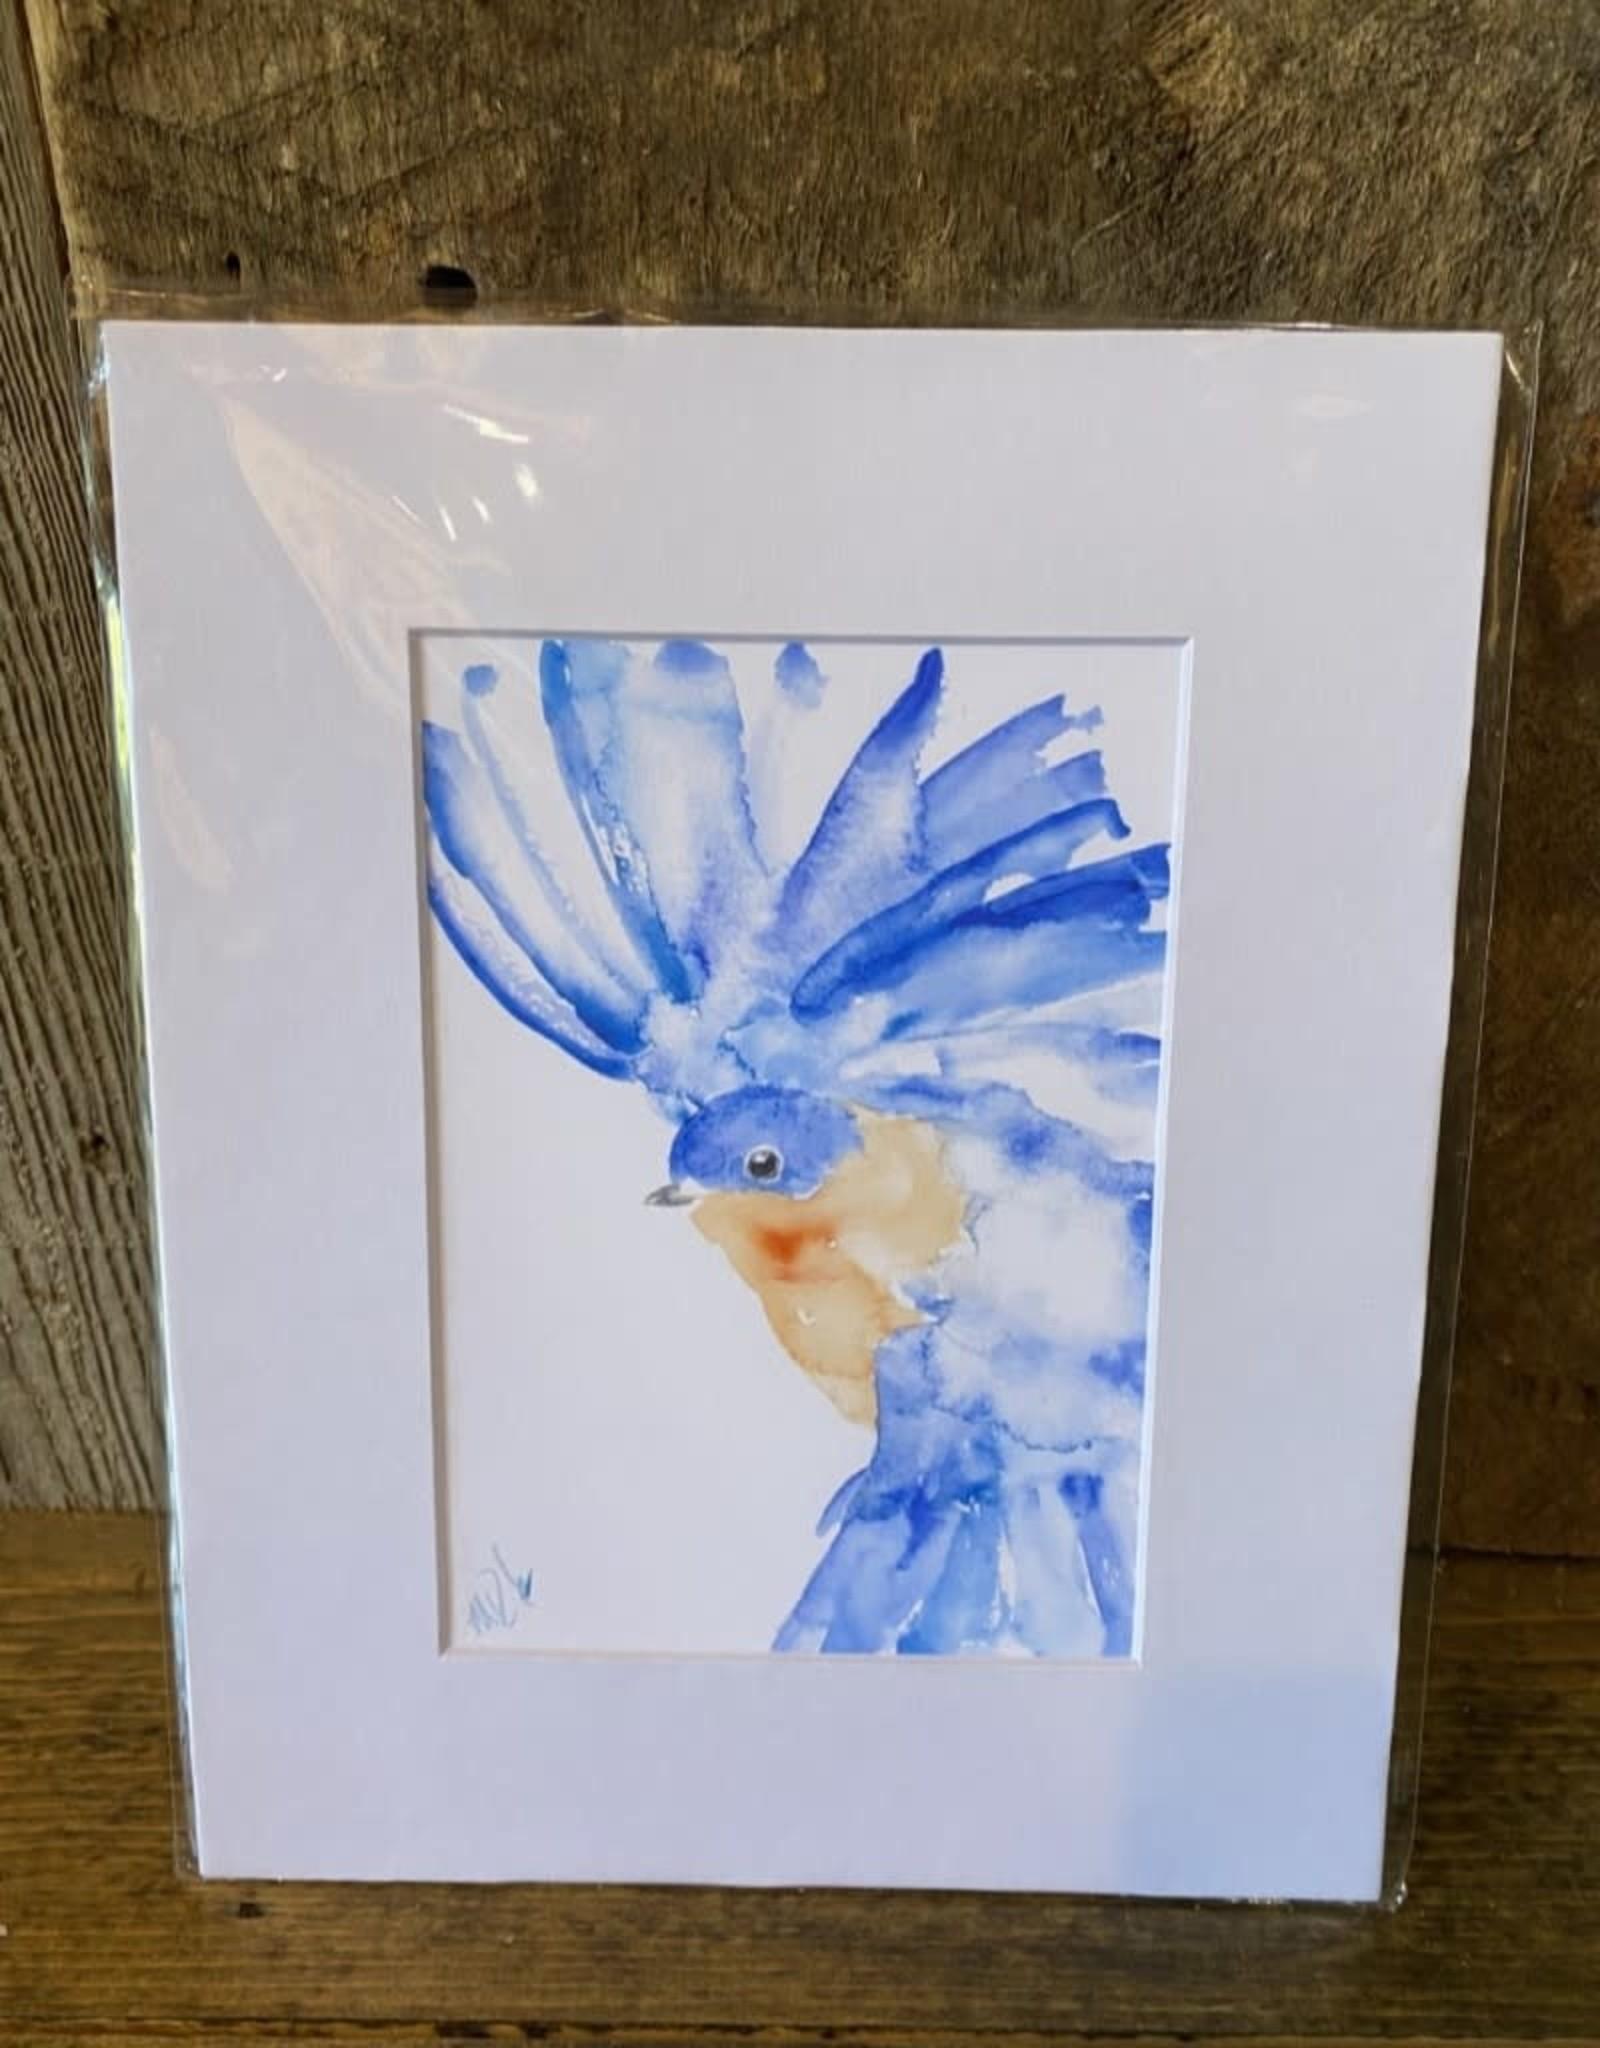 Michelle Detering Art Eastern Bluebird - 8x10 Matted Print